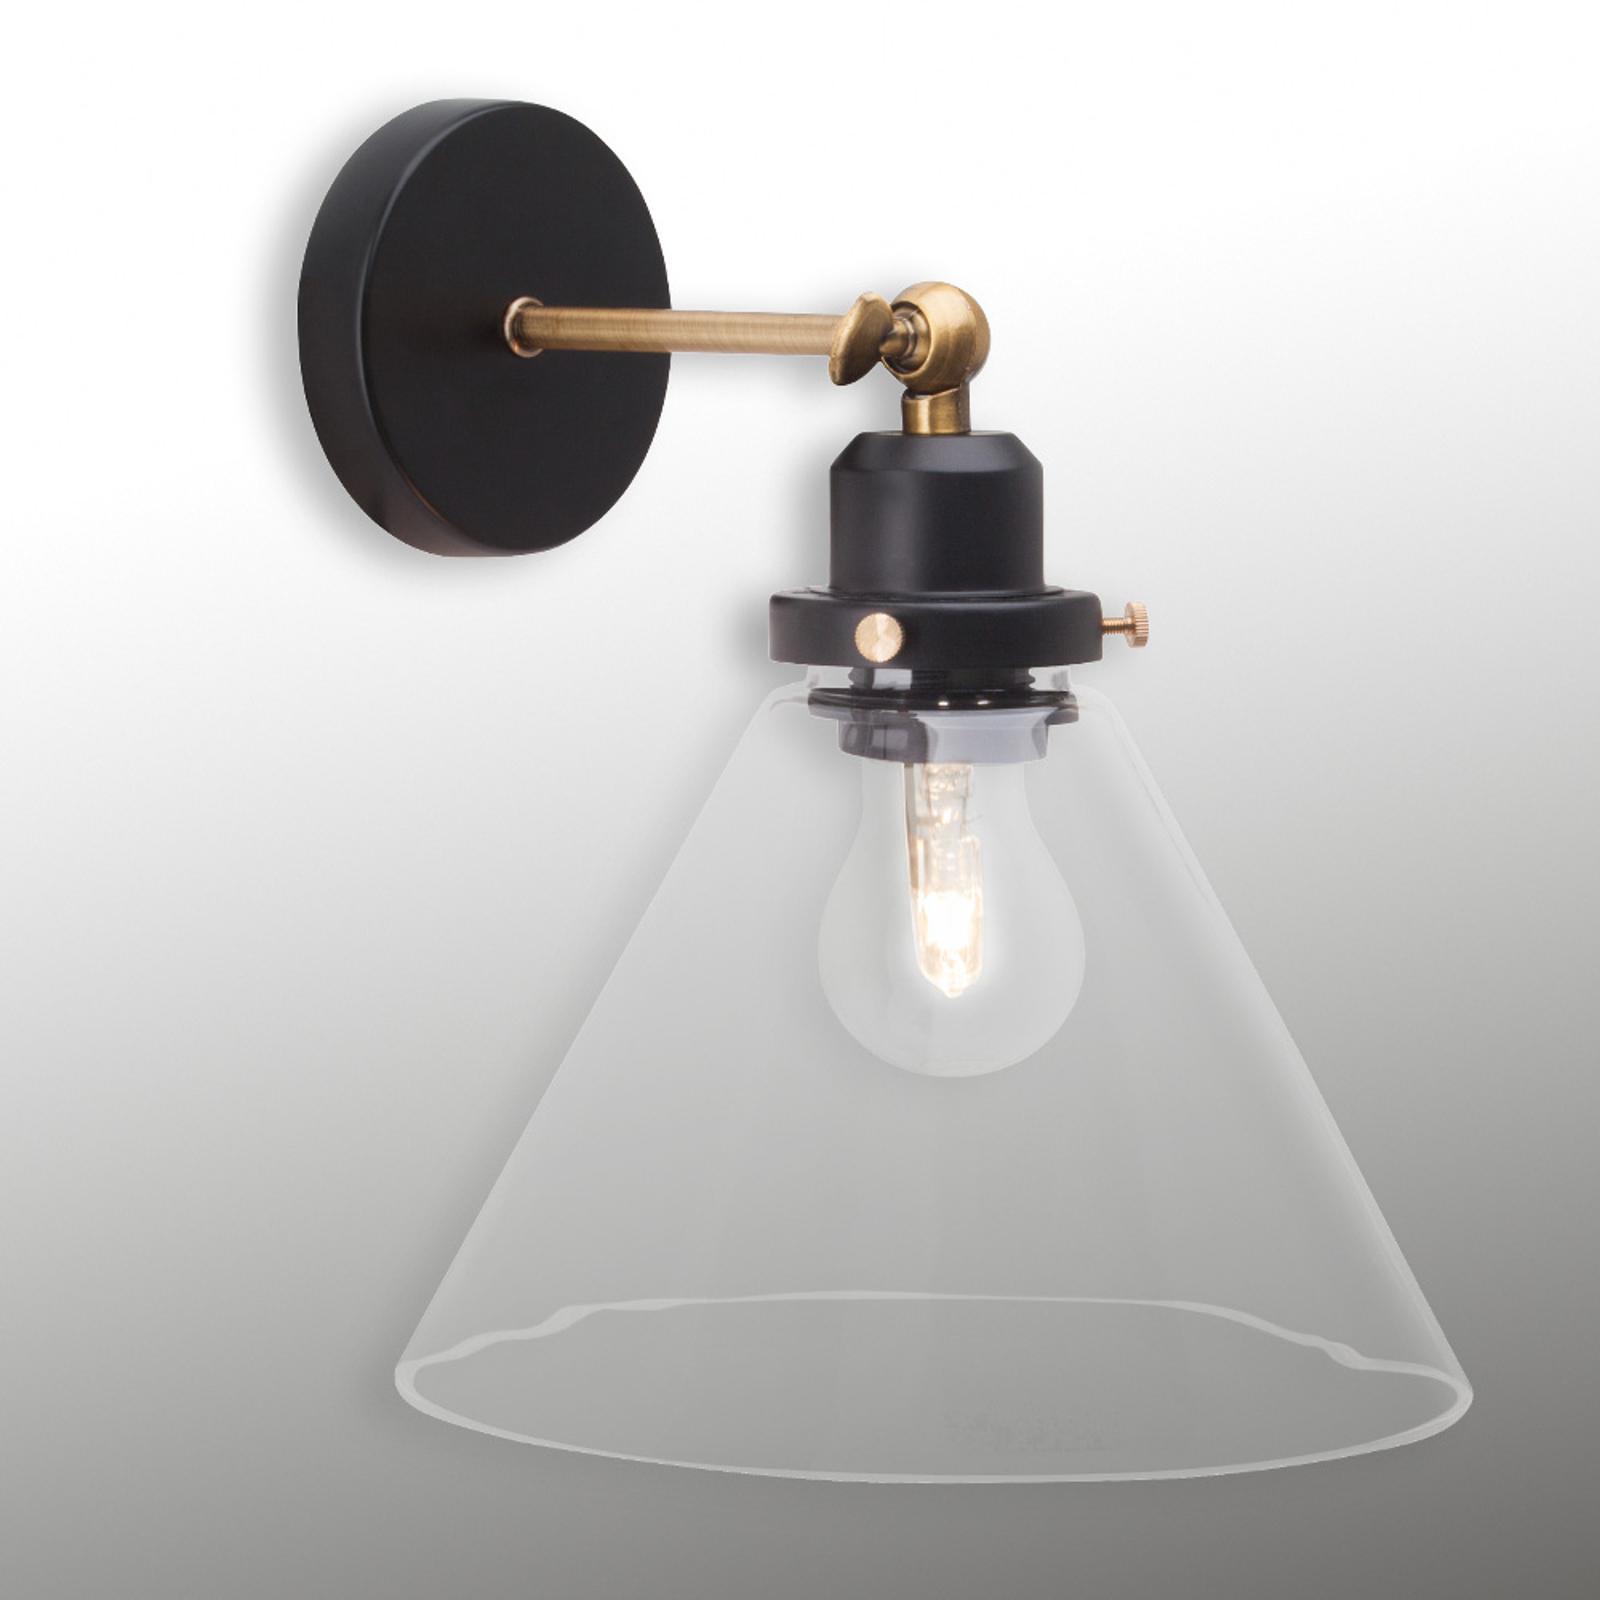 Starodawna lampa ścienna RONALD